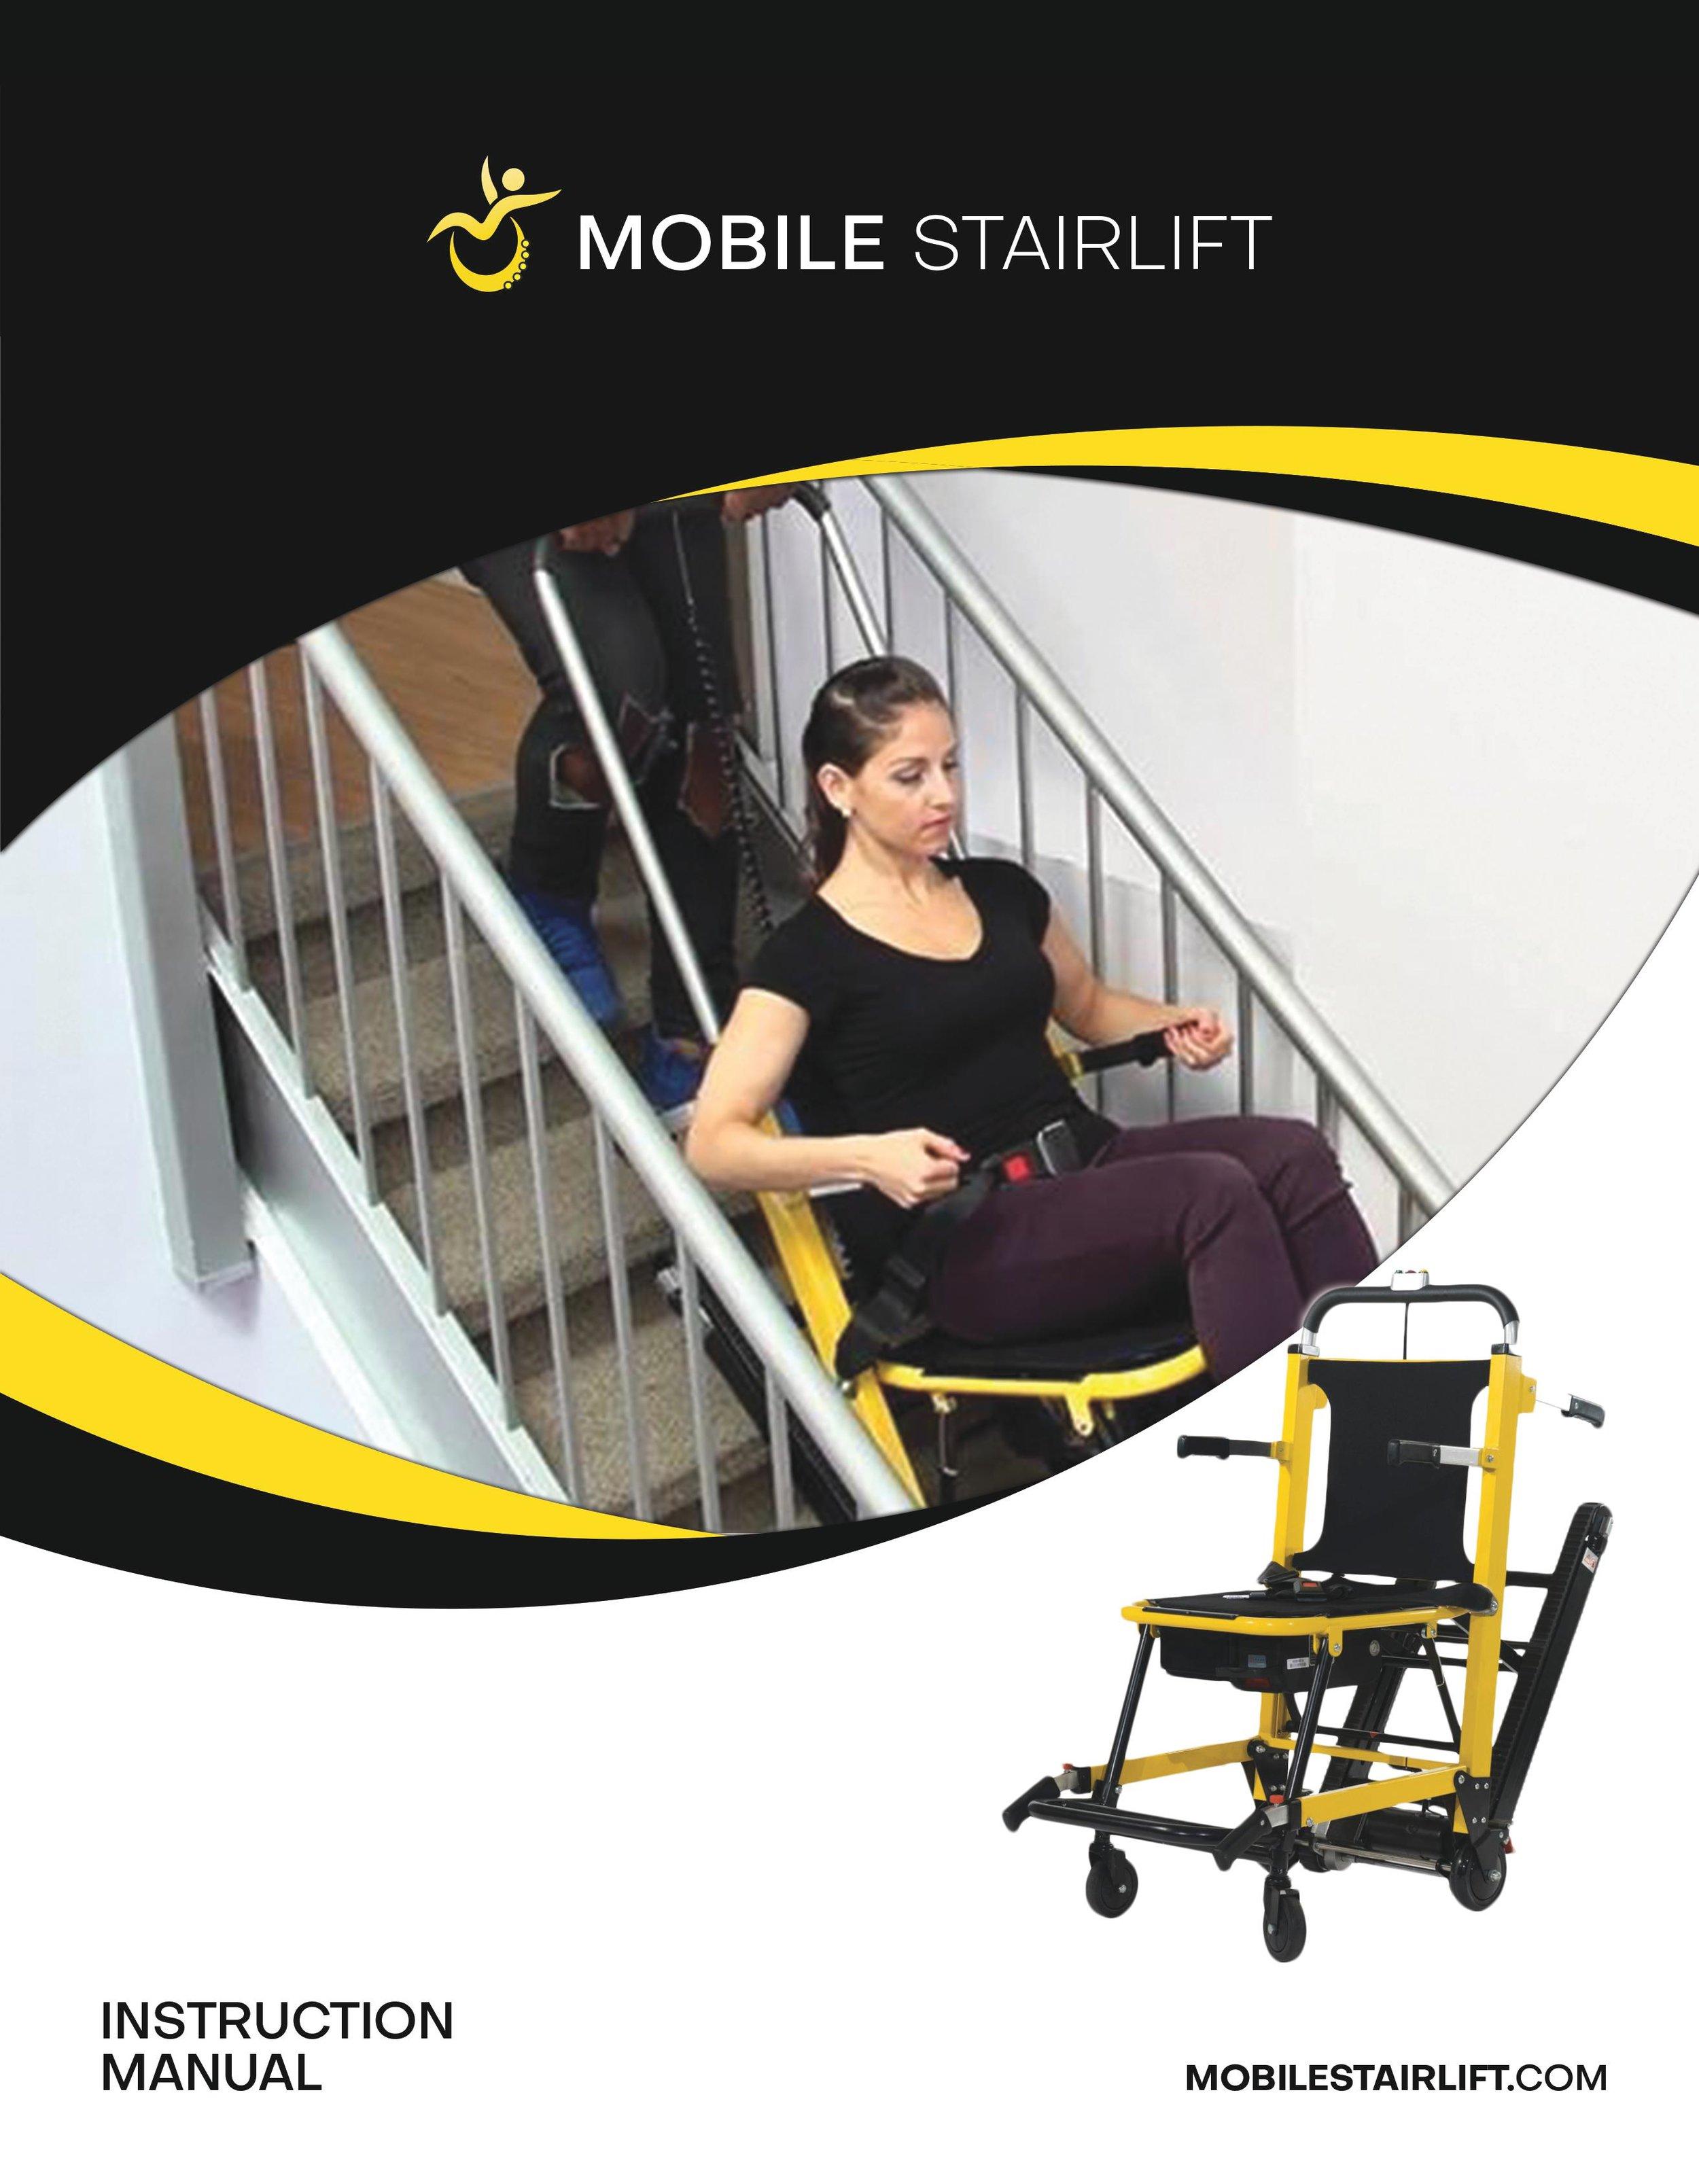 Mobile Stairlift Instruction Manual-1.jpg